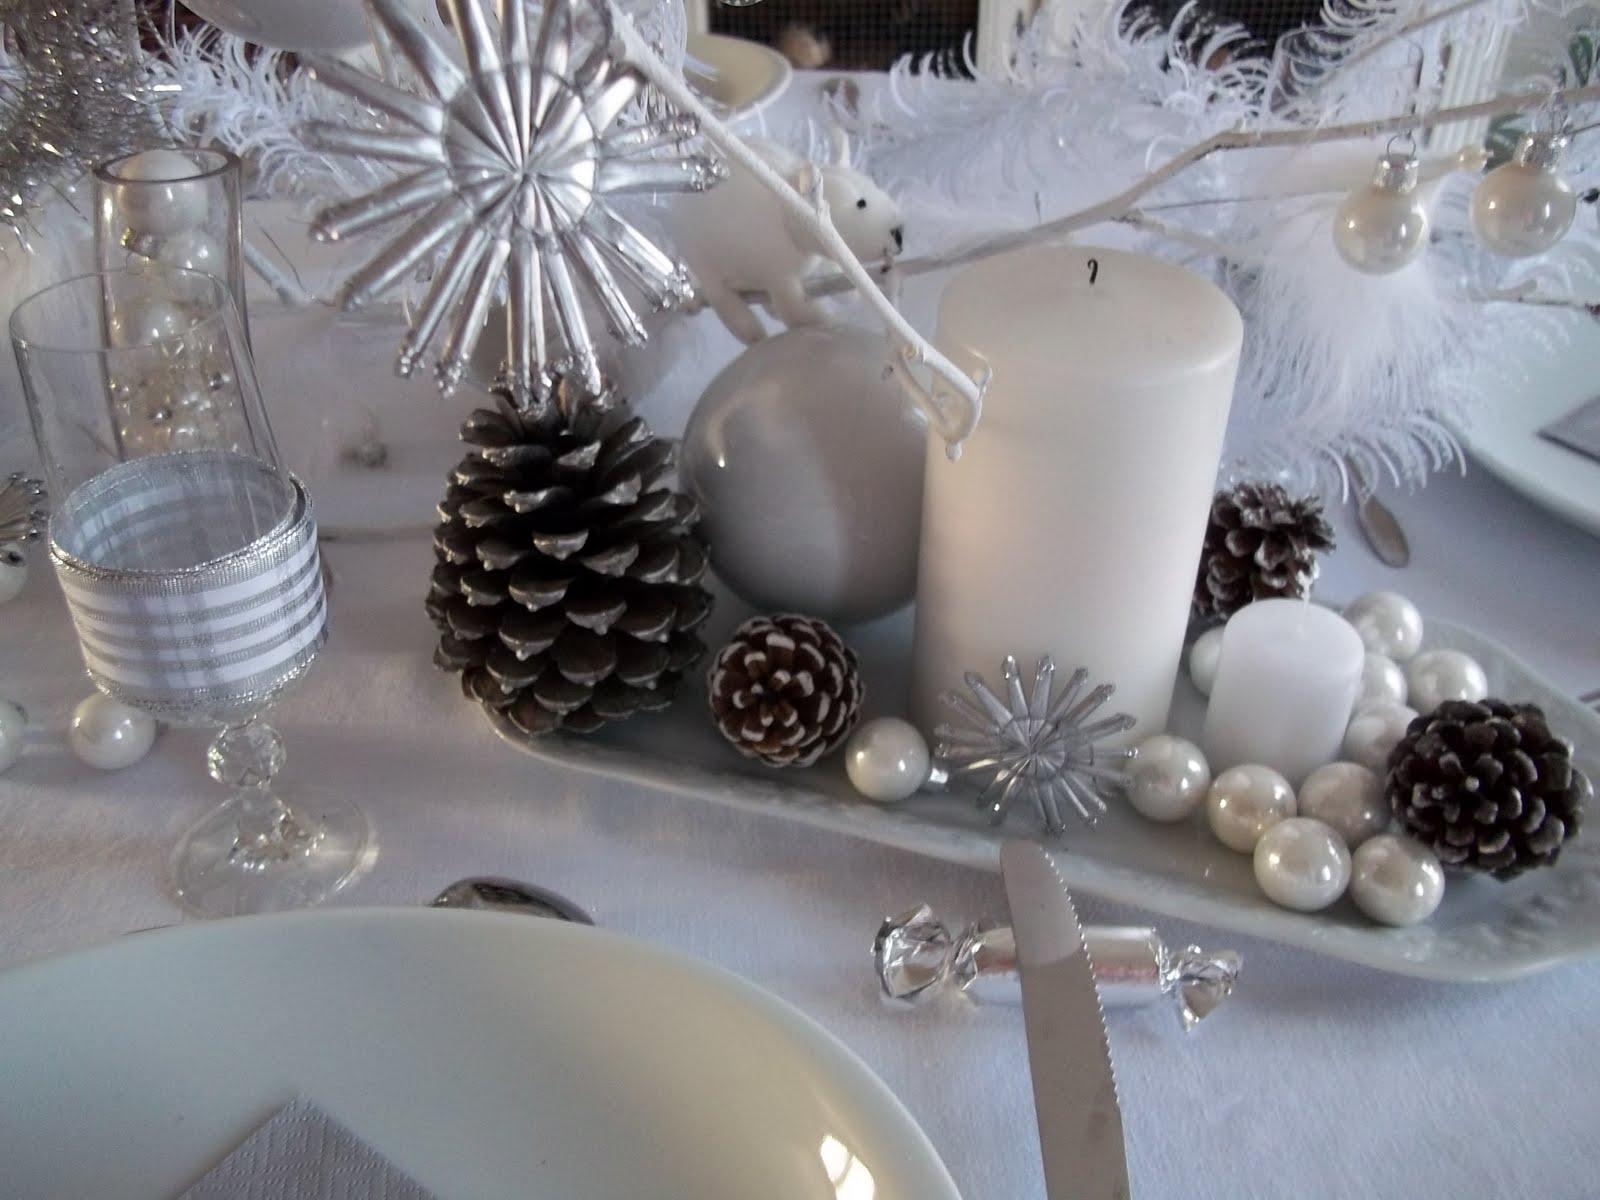 #566275 Lylou.Anne Collection: Défi Noël Blanc Et Acte 1 6179 decoration de table de noel en blanc 1600x1200 px @ aertt.com